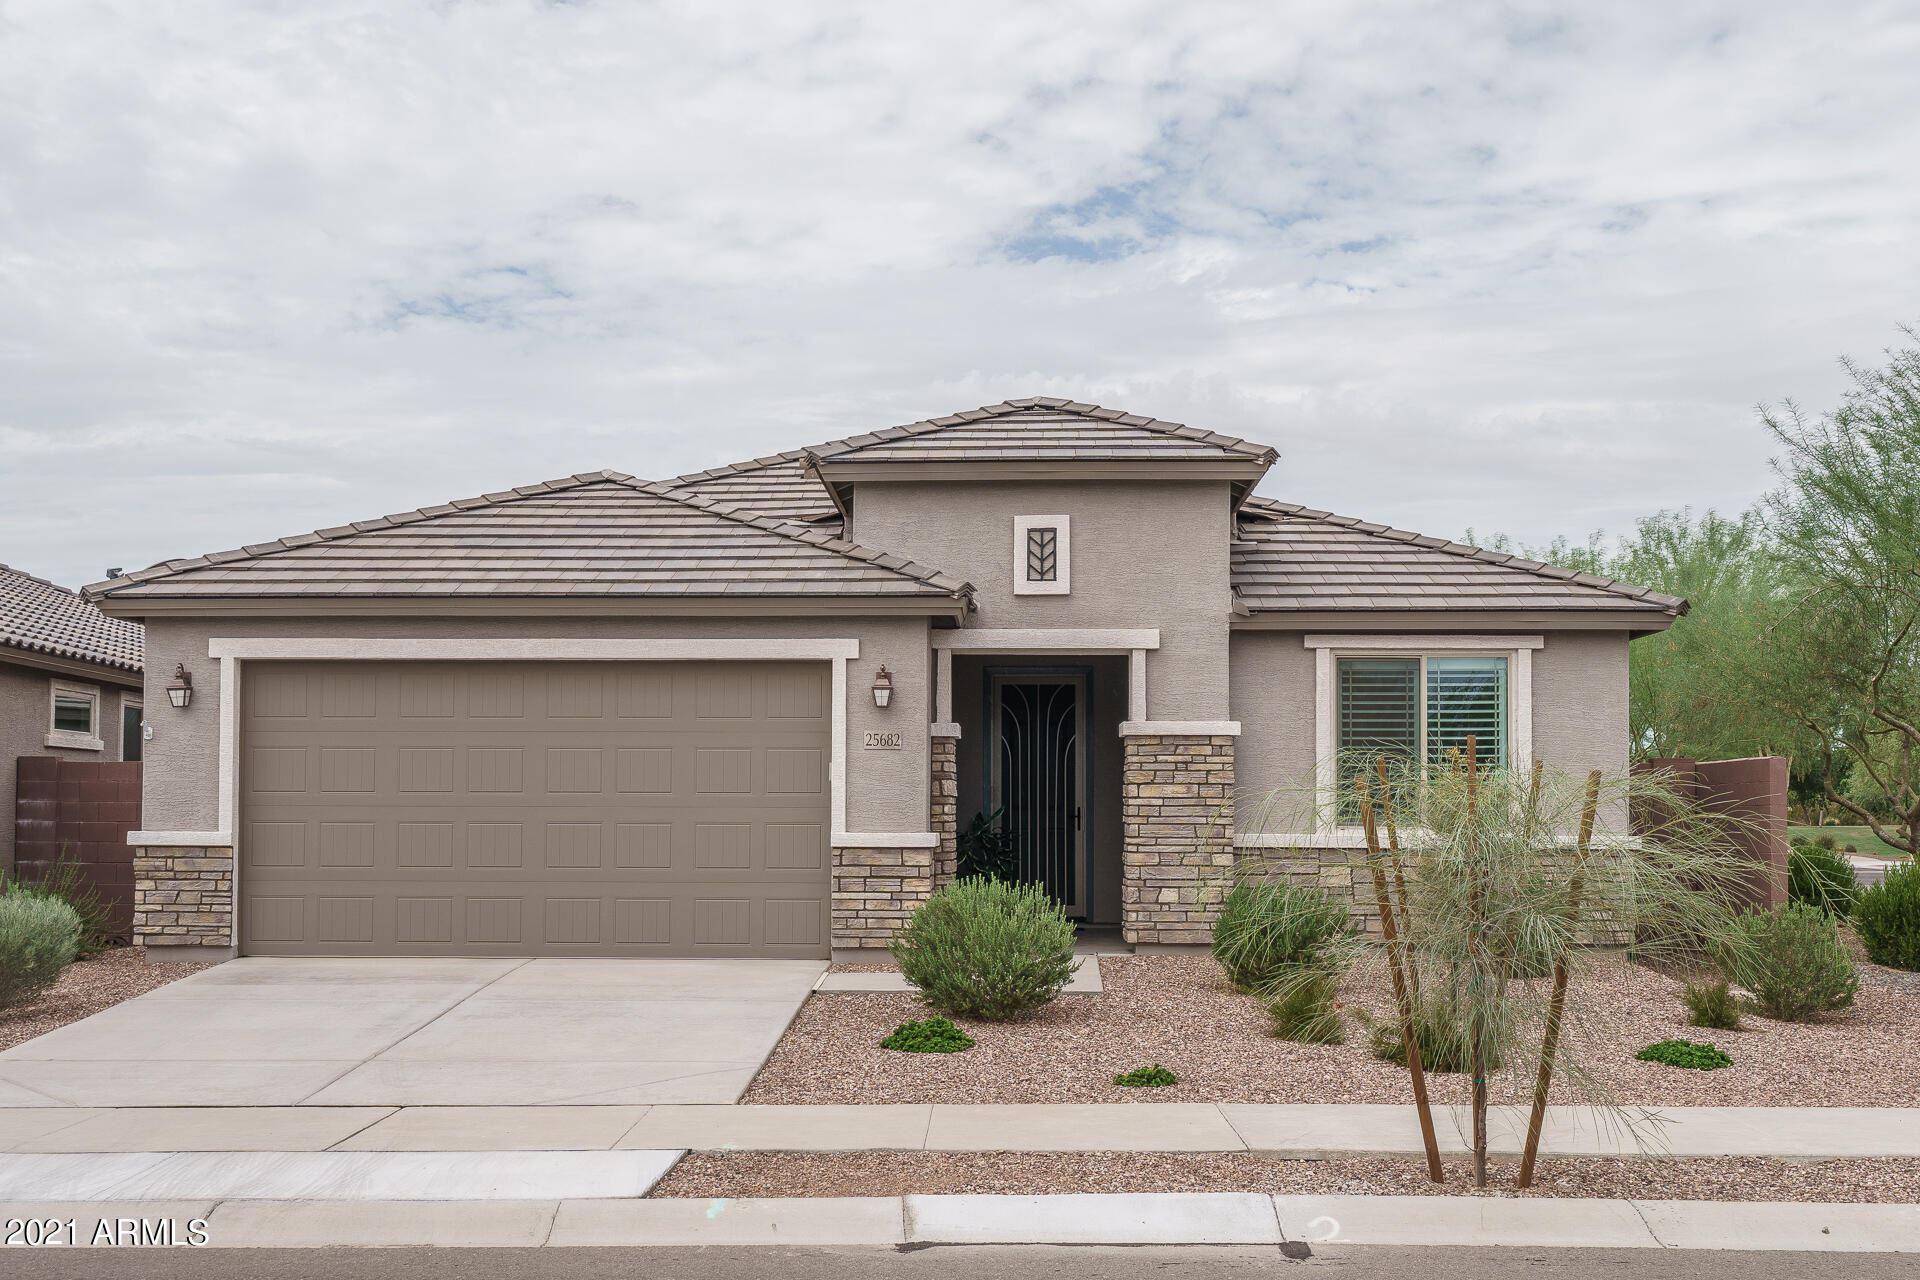 25682 N 162ND Drive, Surprise, AZ 85387 - MLS#: 6267616